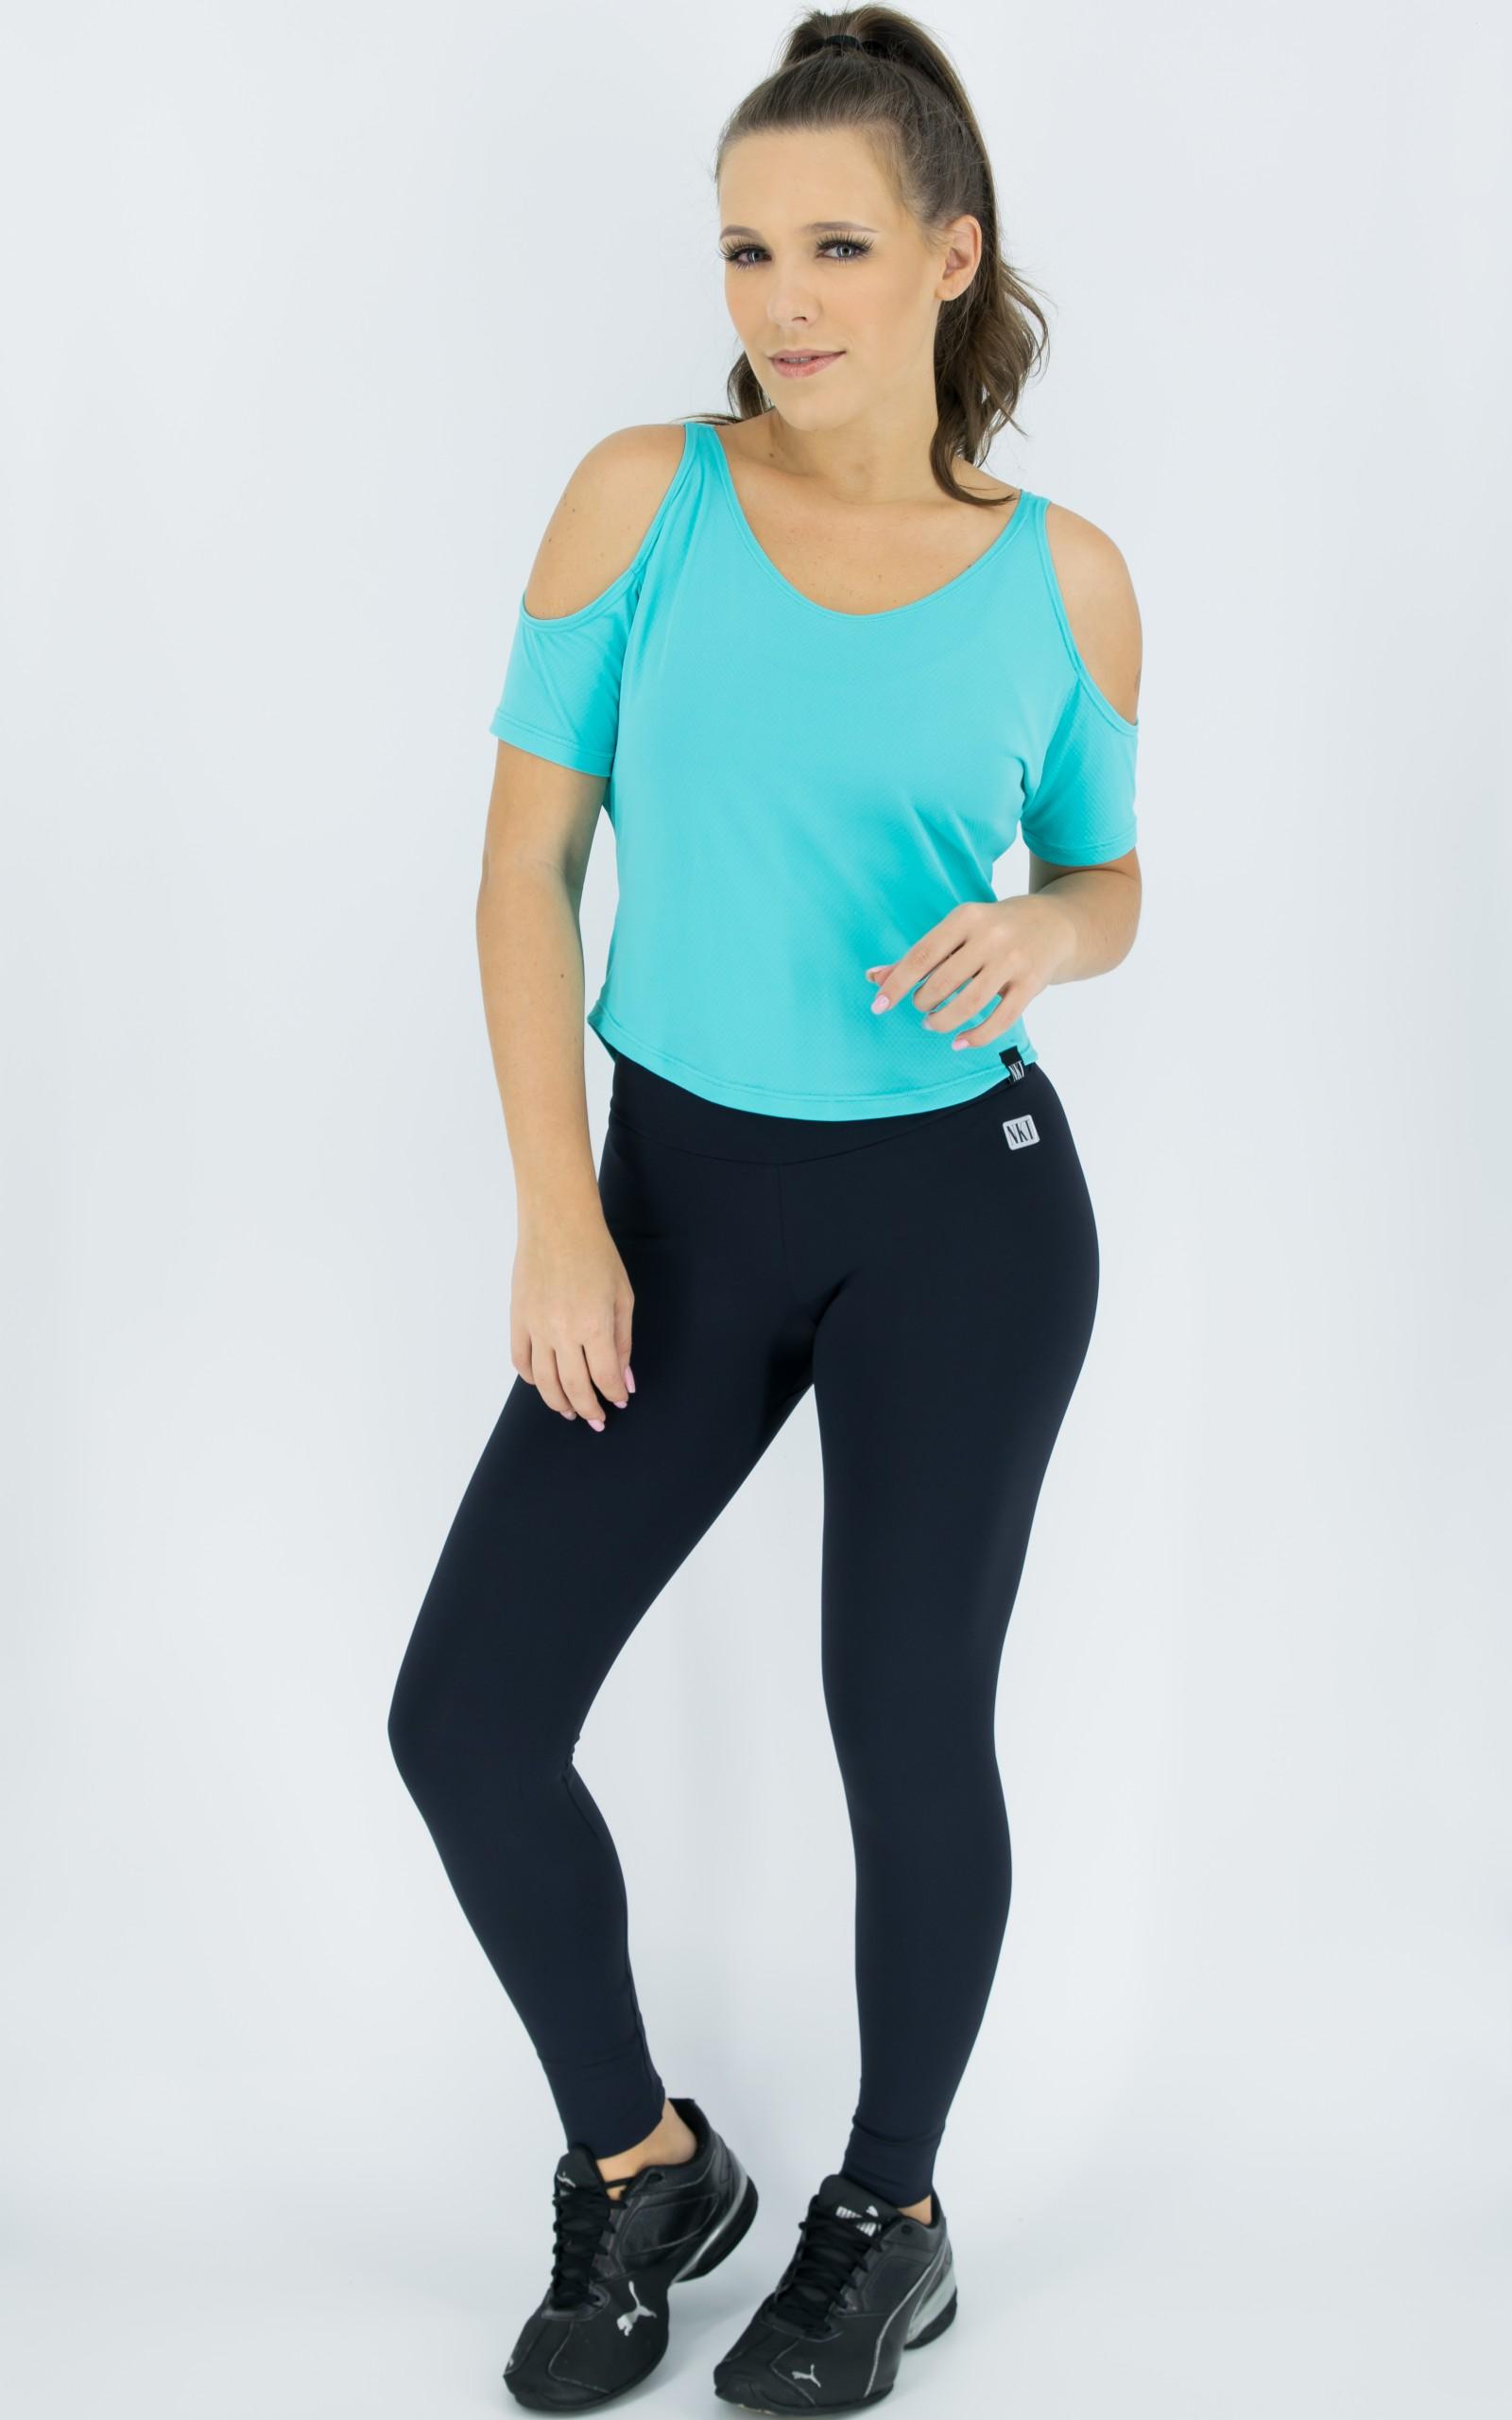 Blusa Like Azul, Coleção Move Your Body - NKT Fitwear Moda Fitness